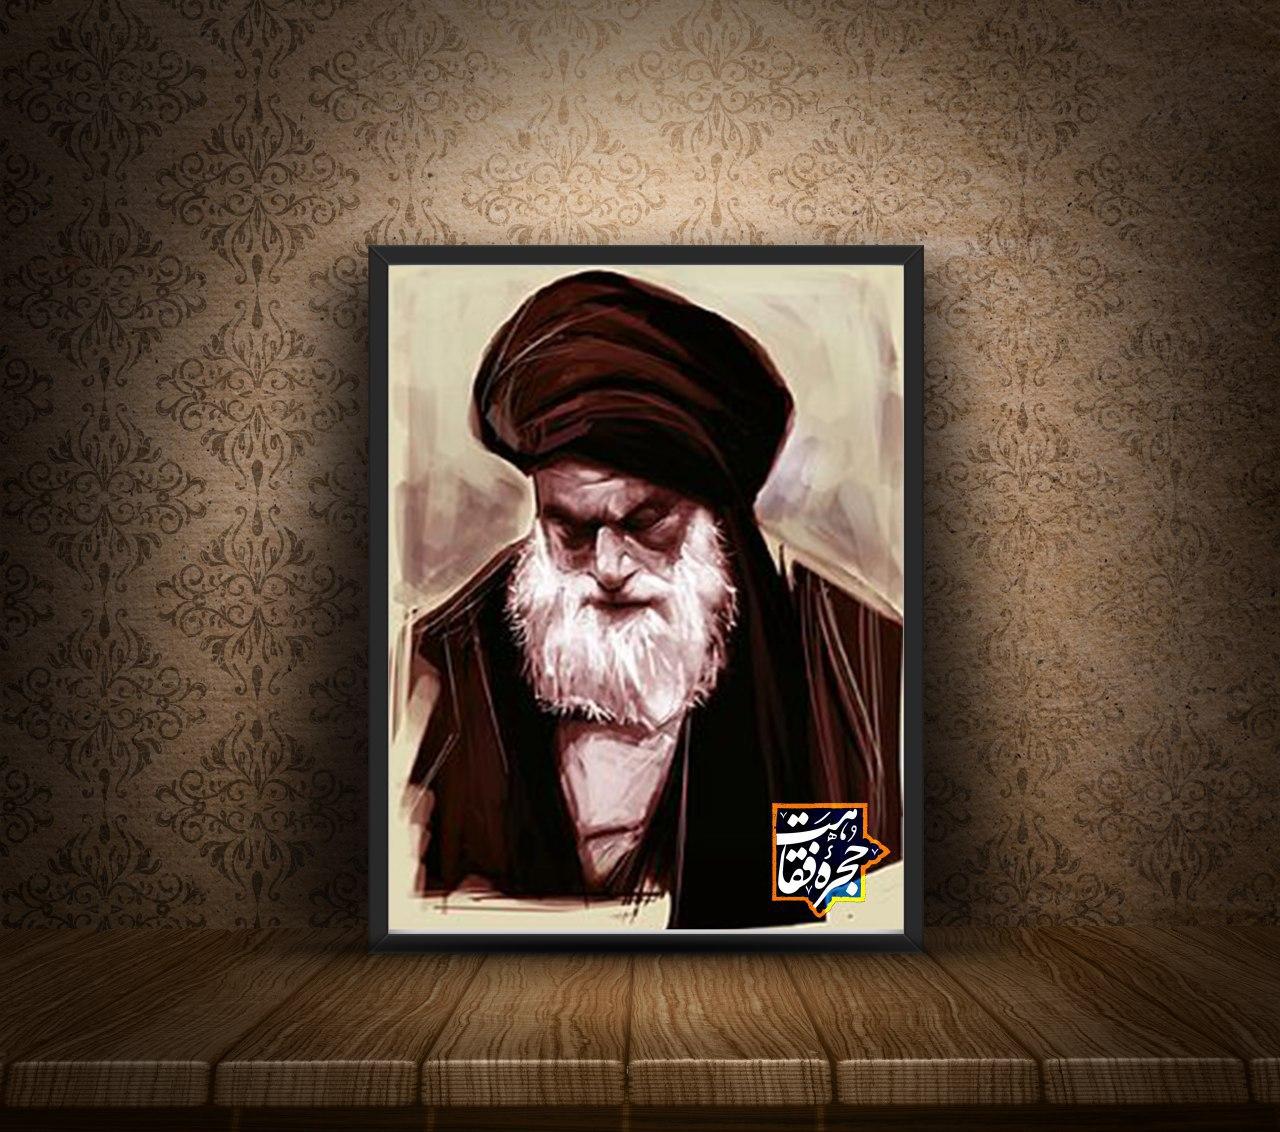 آیا میرزای شیرازی به مرگ طبیعی از دنیا رفته یا شهید شده است…